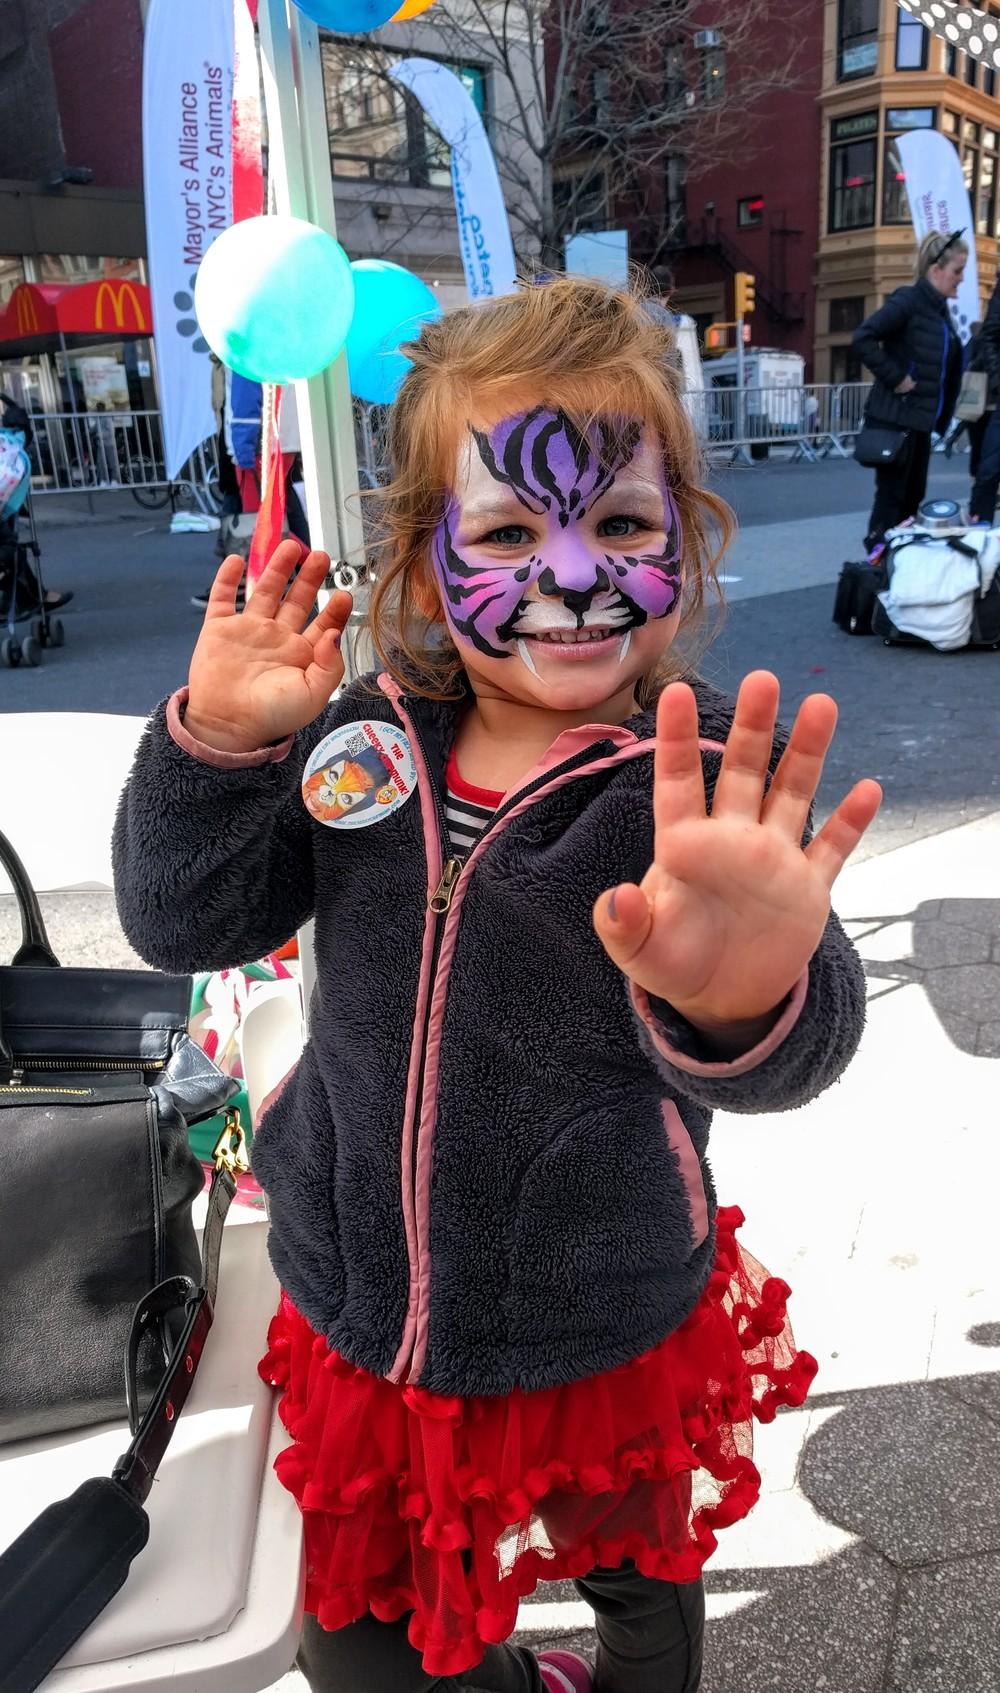 adoptapalooza april 2015 purple tiger.jpg